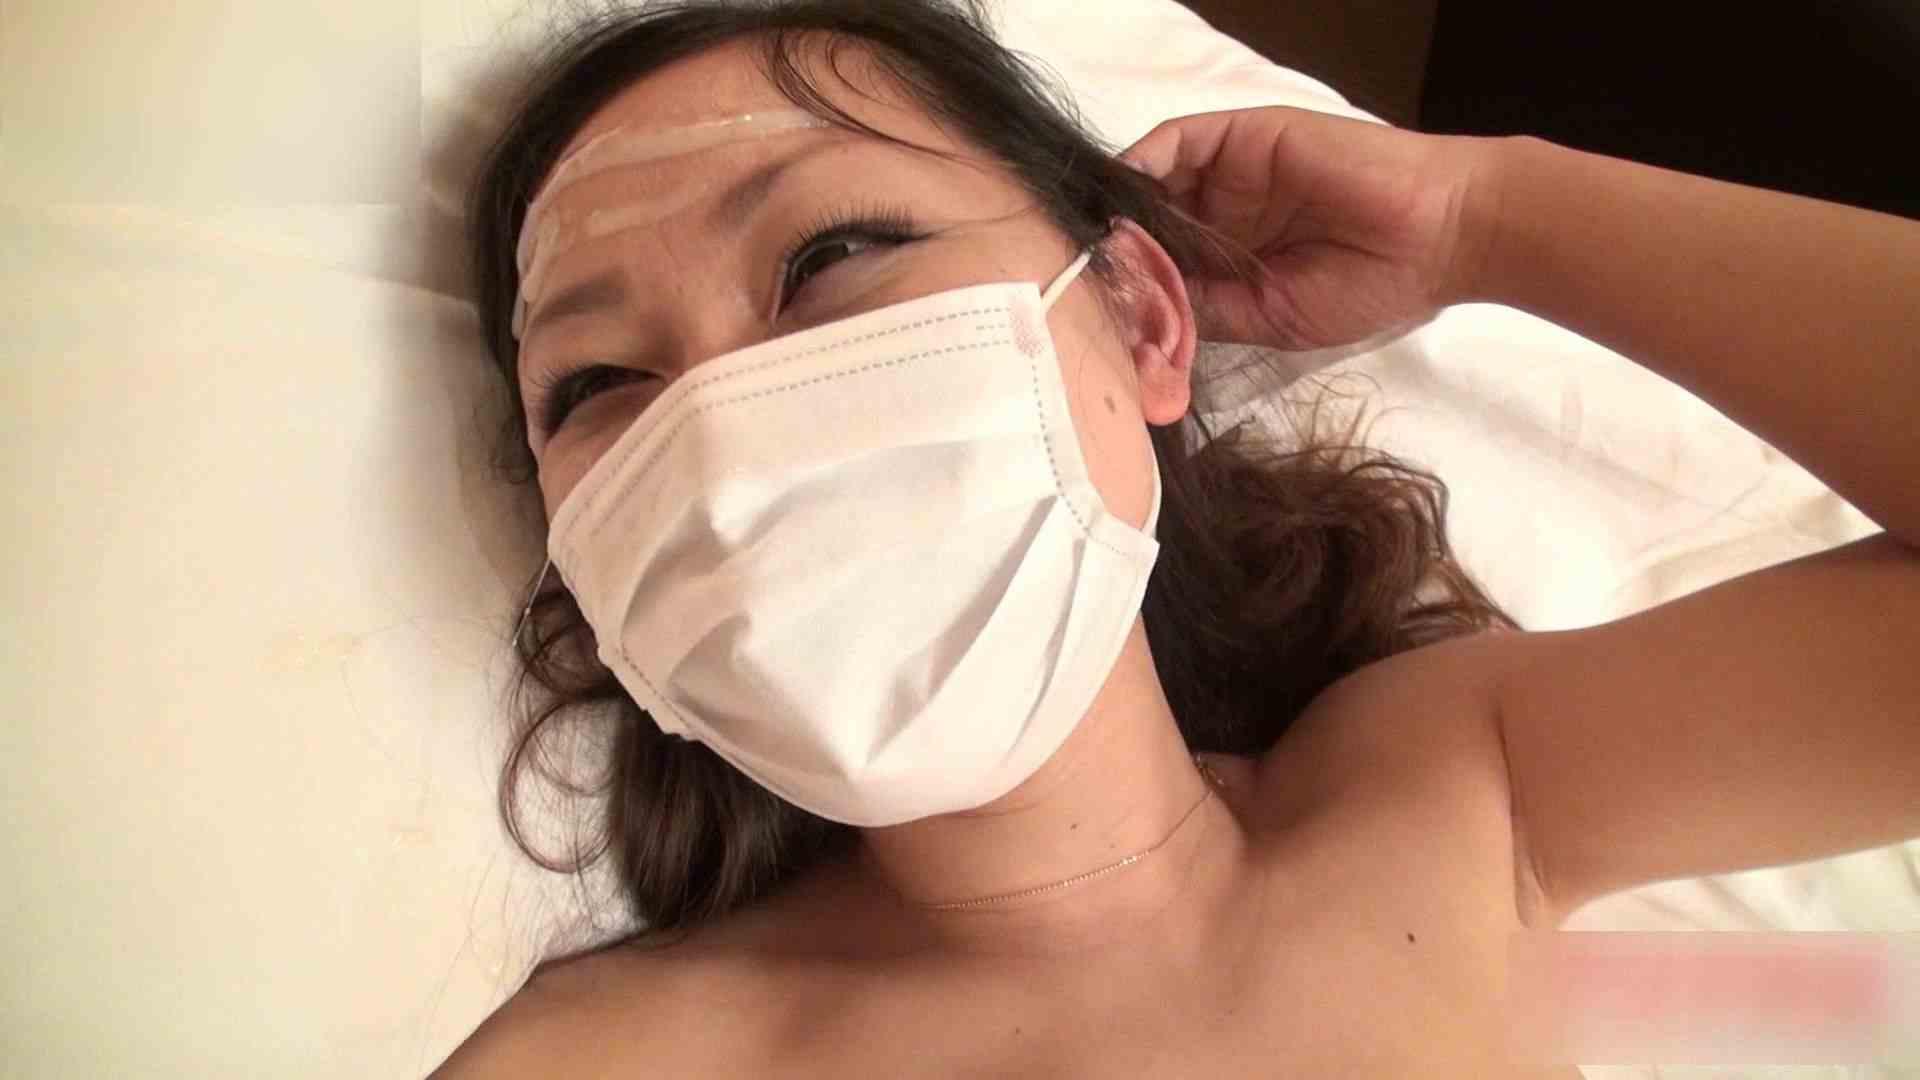 淫乱美女 淫乱 | SEX本番  55pic 13